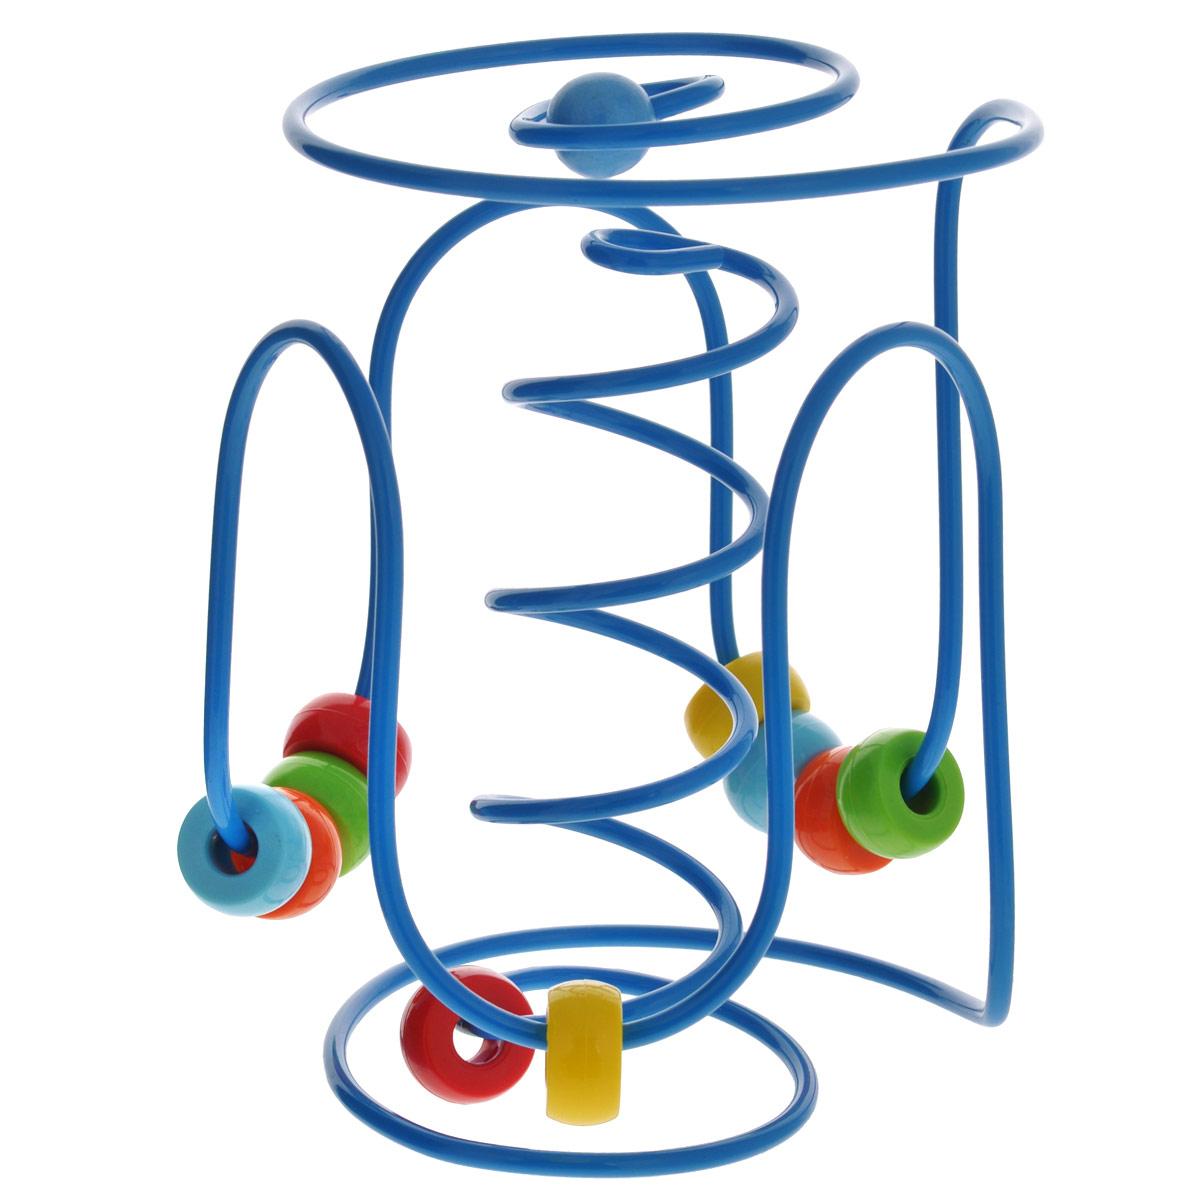 Развивающая игрушка Hape Лабиринт. Е1800Е1800Яркая развивающая игрушка Hape Лабиринт понравится вашему малышу и надолго займет его внимание. Она представляет собой металлическую спираль, на которую нанизаны разноцветные колечки. Малыш с удовольствием сможет их передвигать по спирали или вращать. Игрушка Hape Лабиринт поможет ребенку в развитии цветового и звукового восприятия, мелкой моторики рук, координации движений и логического мышления.